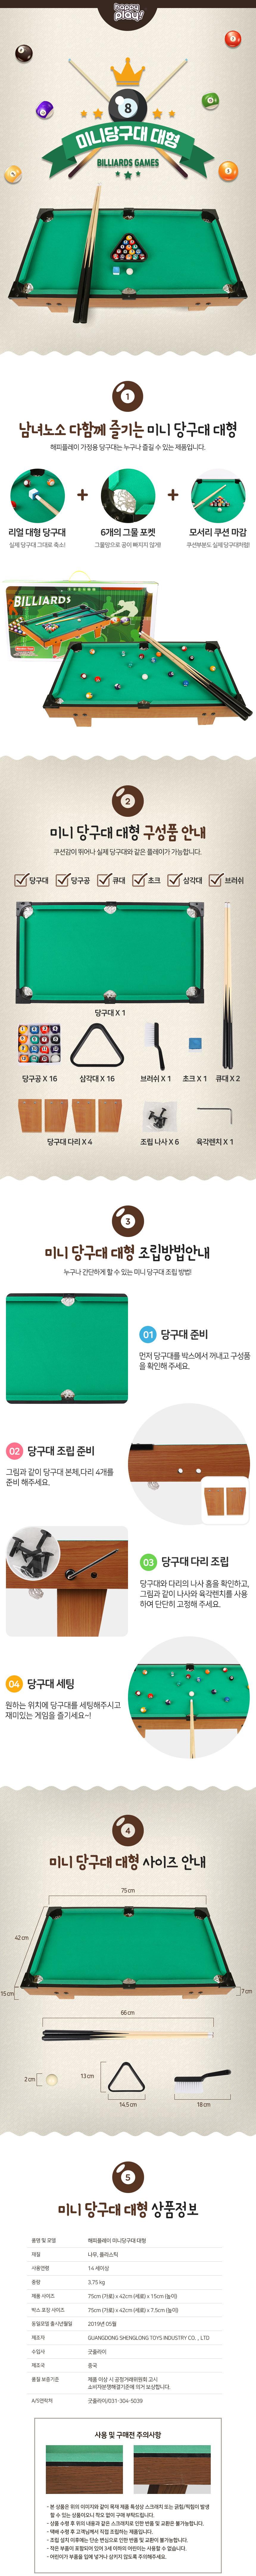 가정용 미니 당구대 포켓볼 테이블게임 대형 - 해피플레이, 54,000원, 보드게임, 2인용 게임